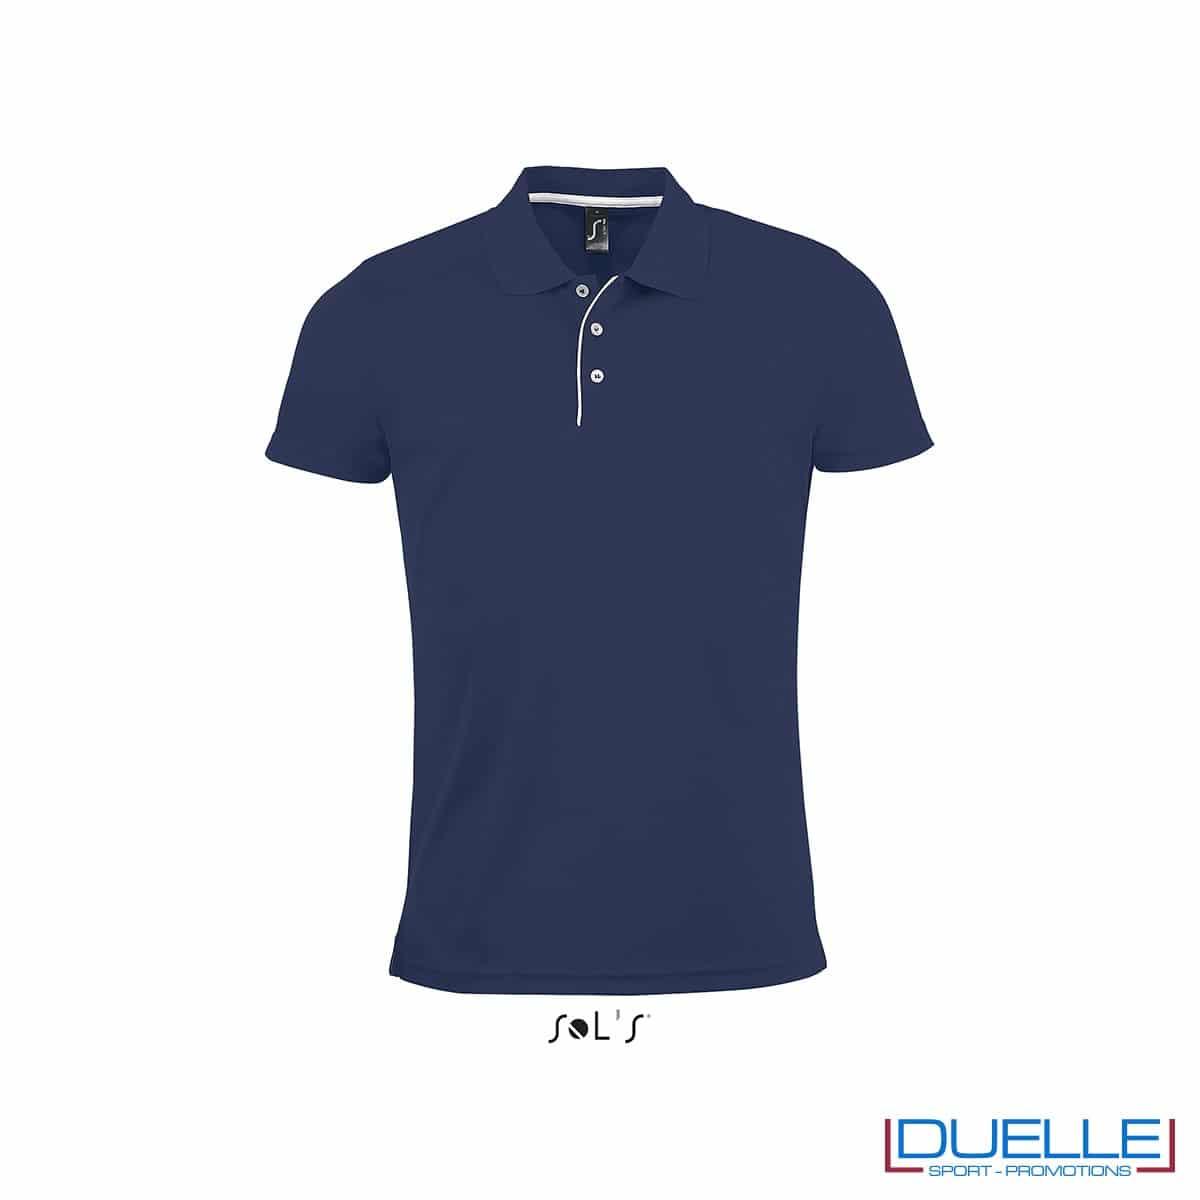 polo personalizzata sportiva in poliestere traspirante colore blu navy, polo personalizzata, abbigliamento sportivo personalizzato